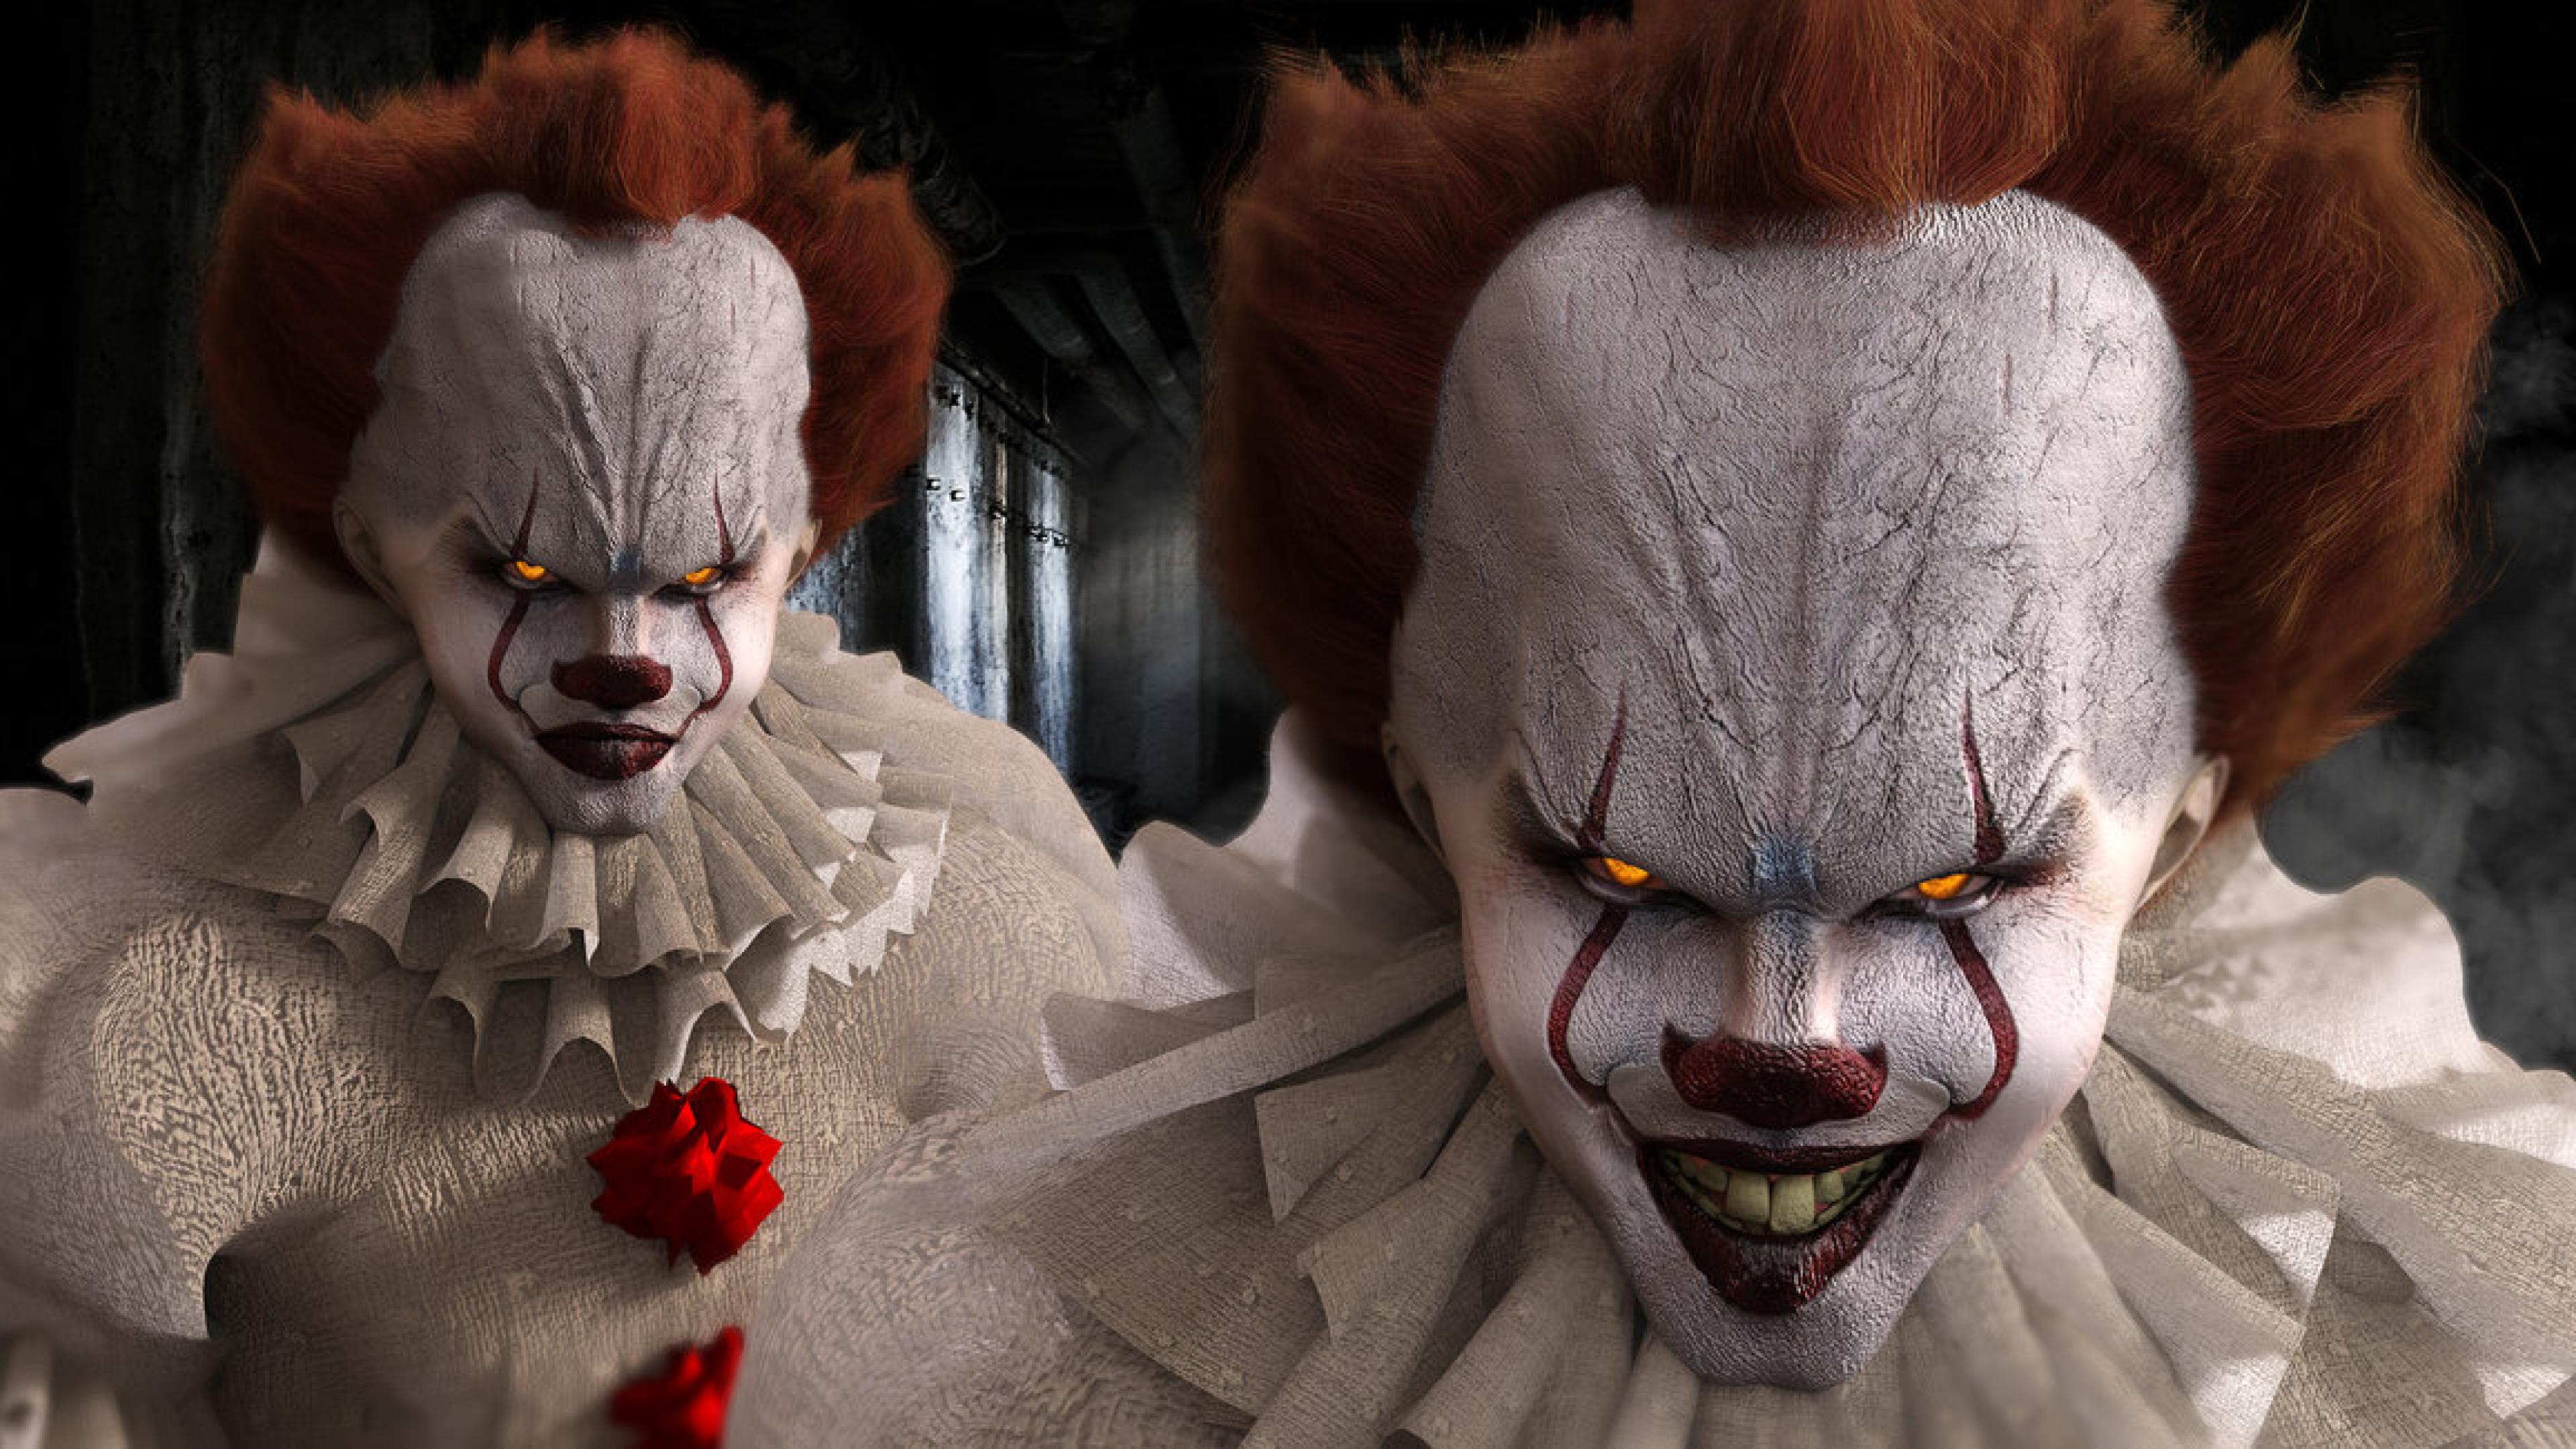 Wallpaper It Clown Bill Skarsgard Horror 2017 Hd: Bill Skarsgard As Pennywise In Movie It, HD Wallpaper